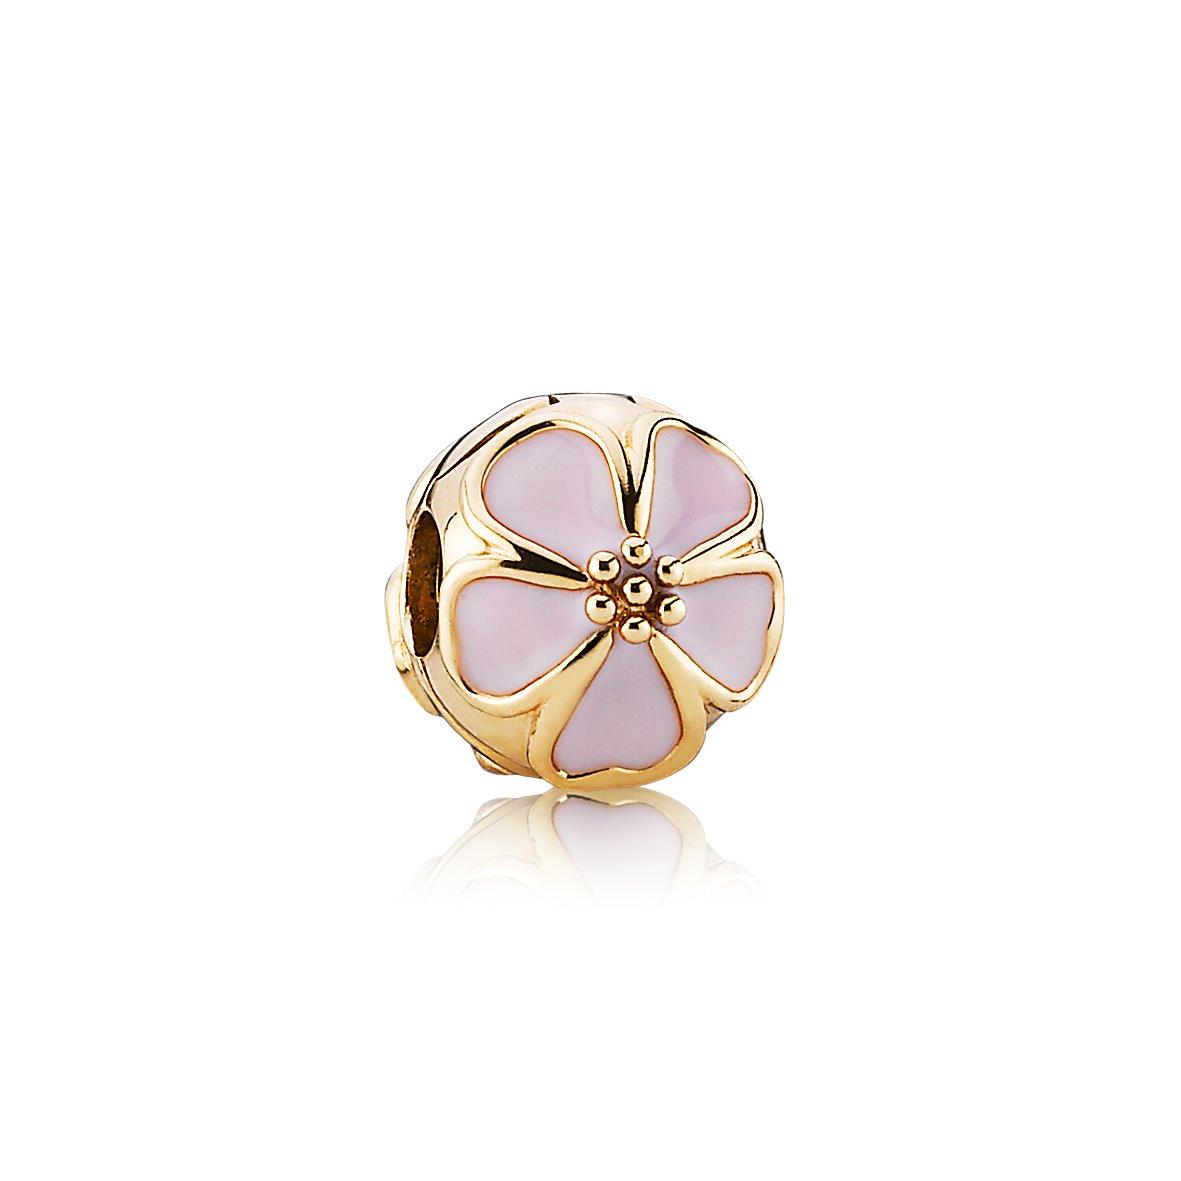 Charm Flor de Cerezo - Colección Primavera Pandora 2013